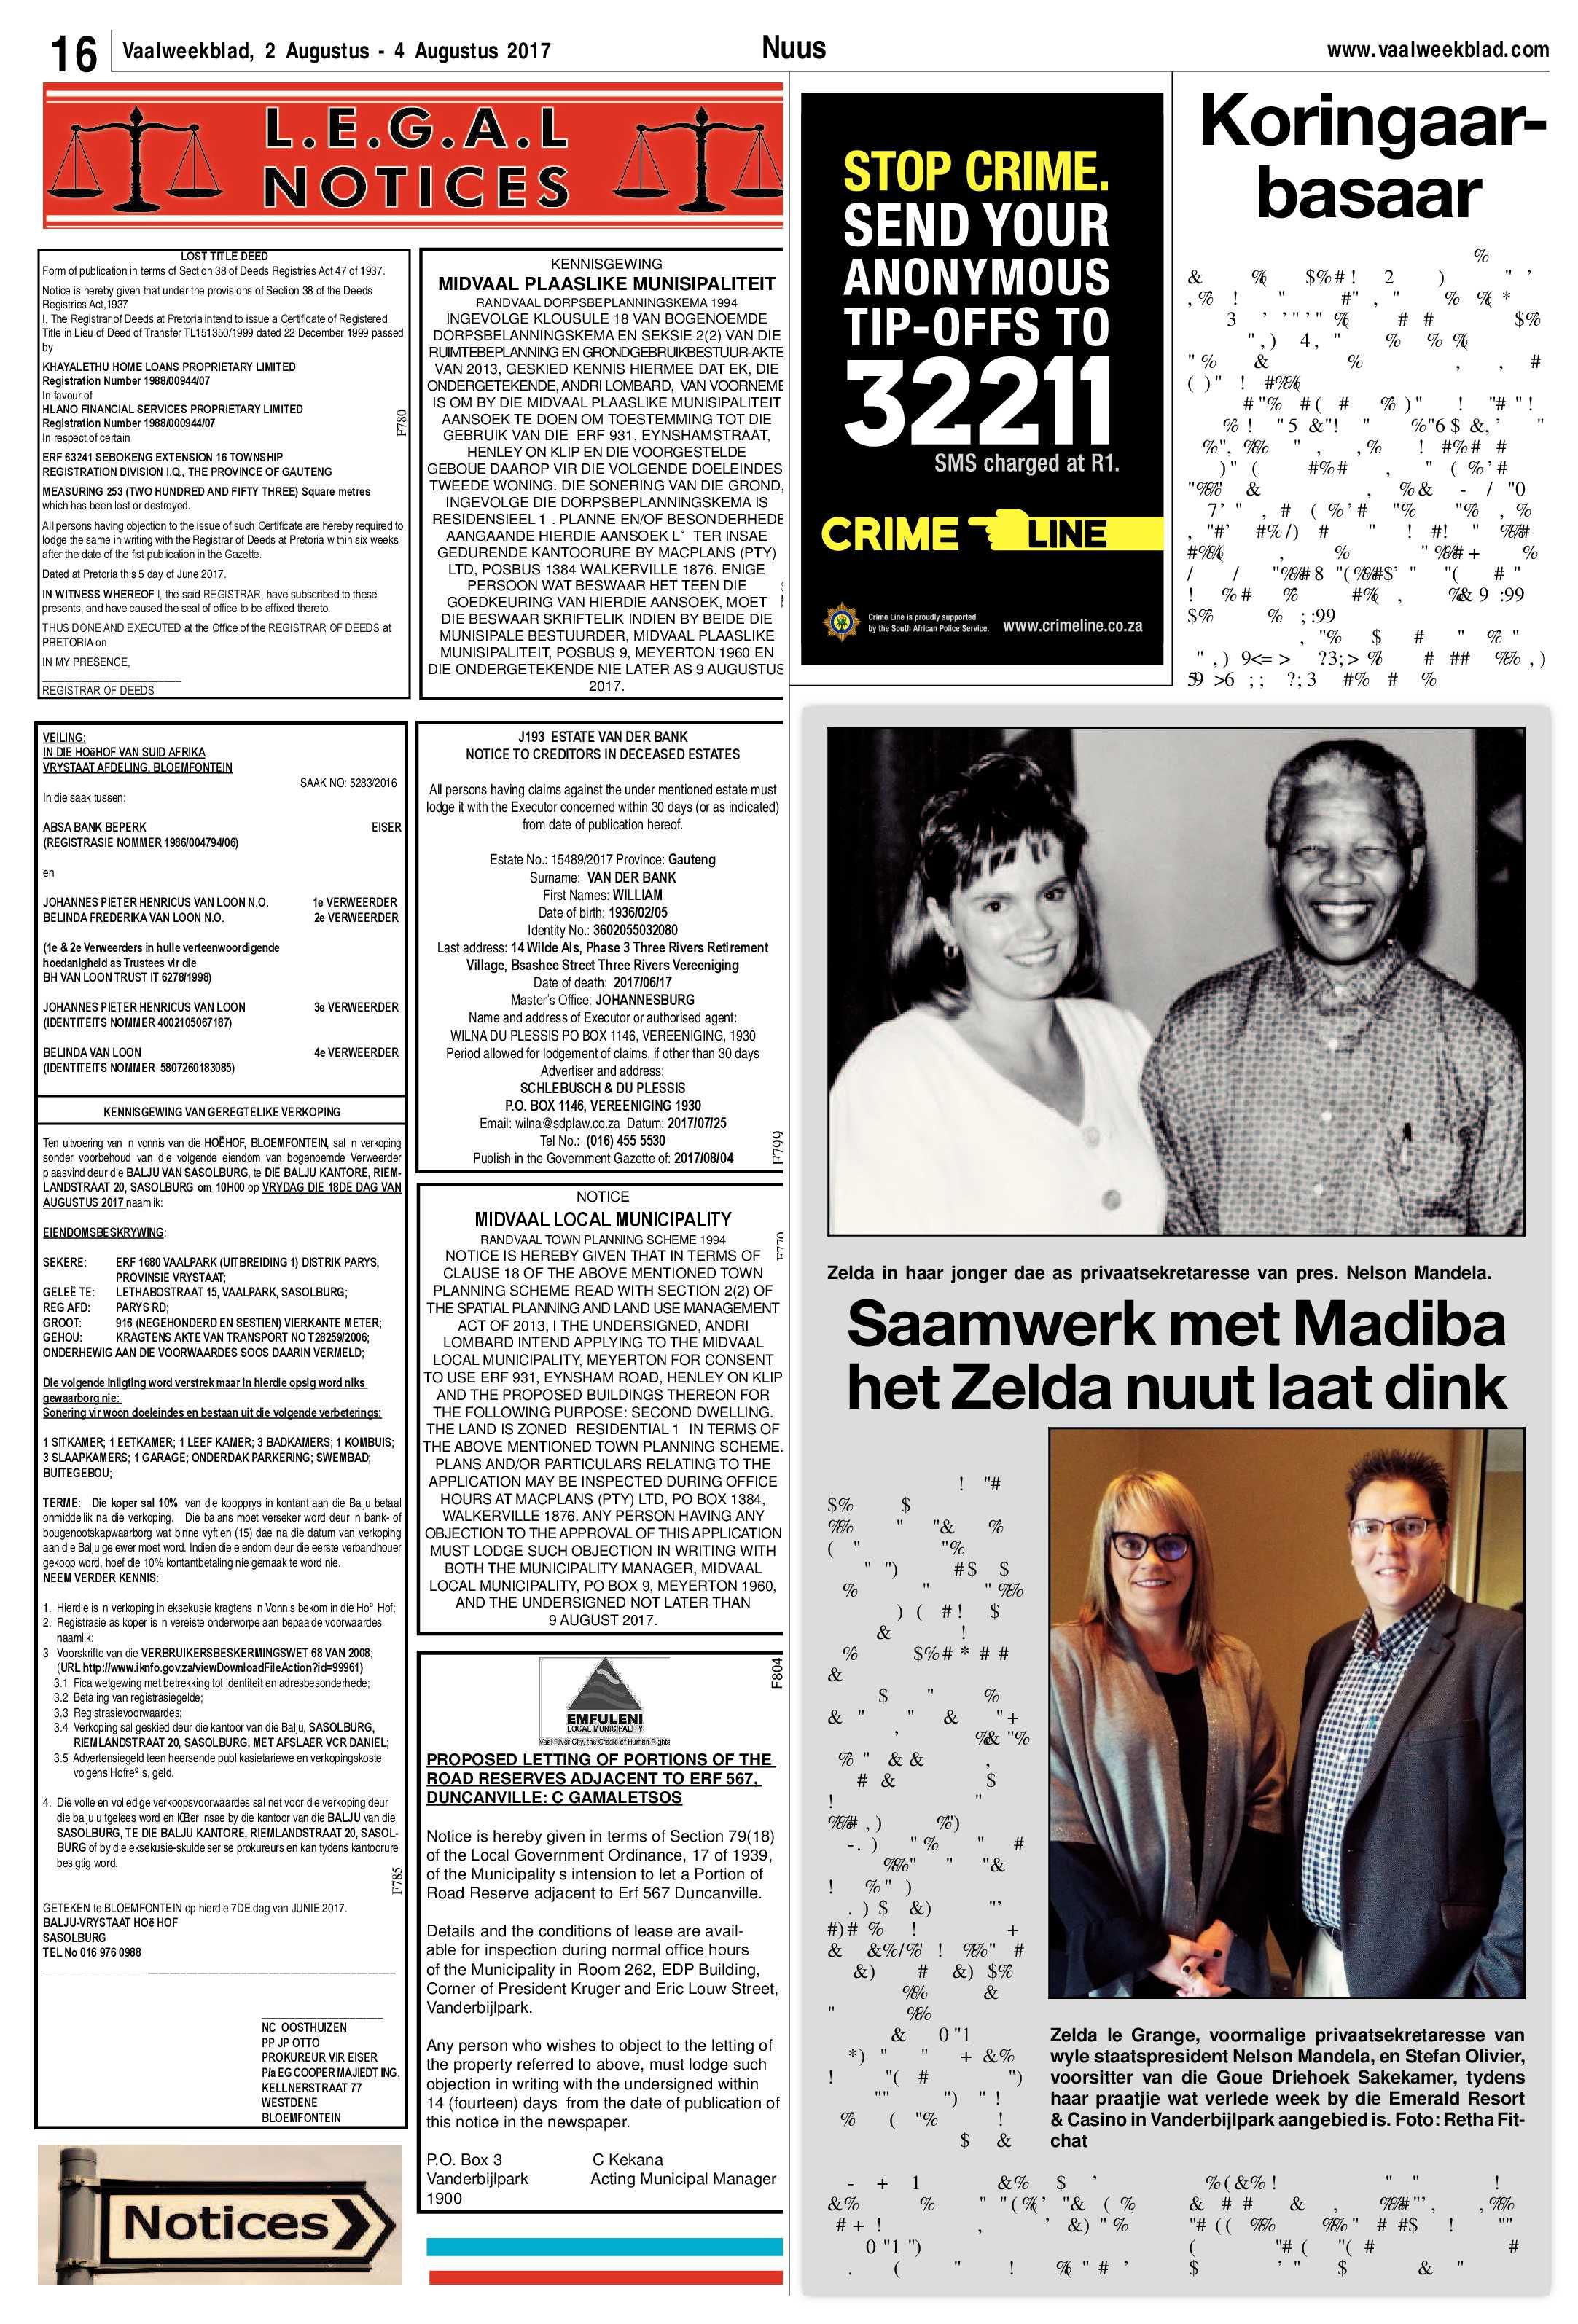 vaalweekblad-2-4-augustus-2017-epapers-page-16